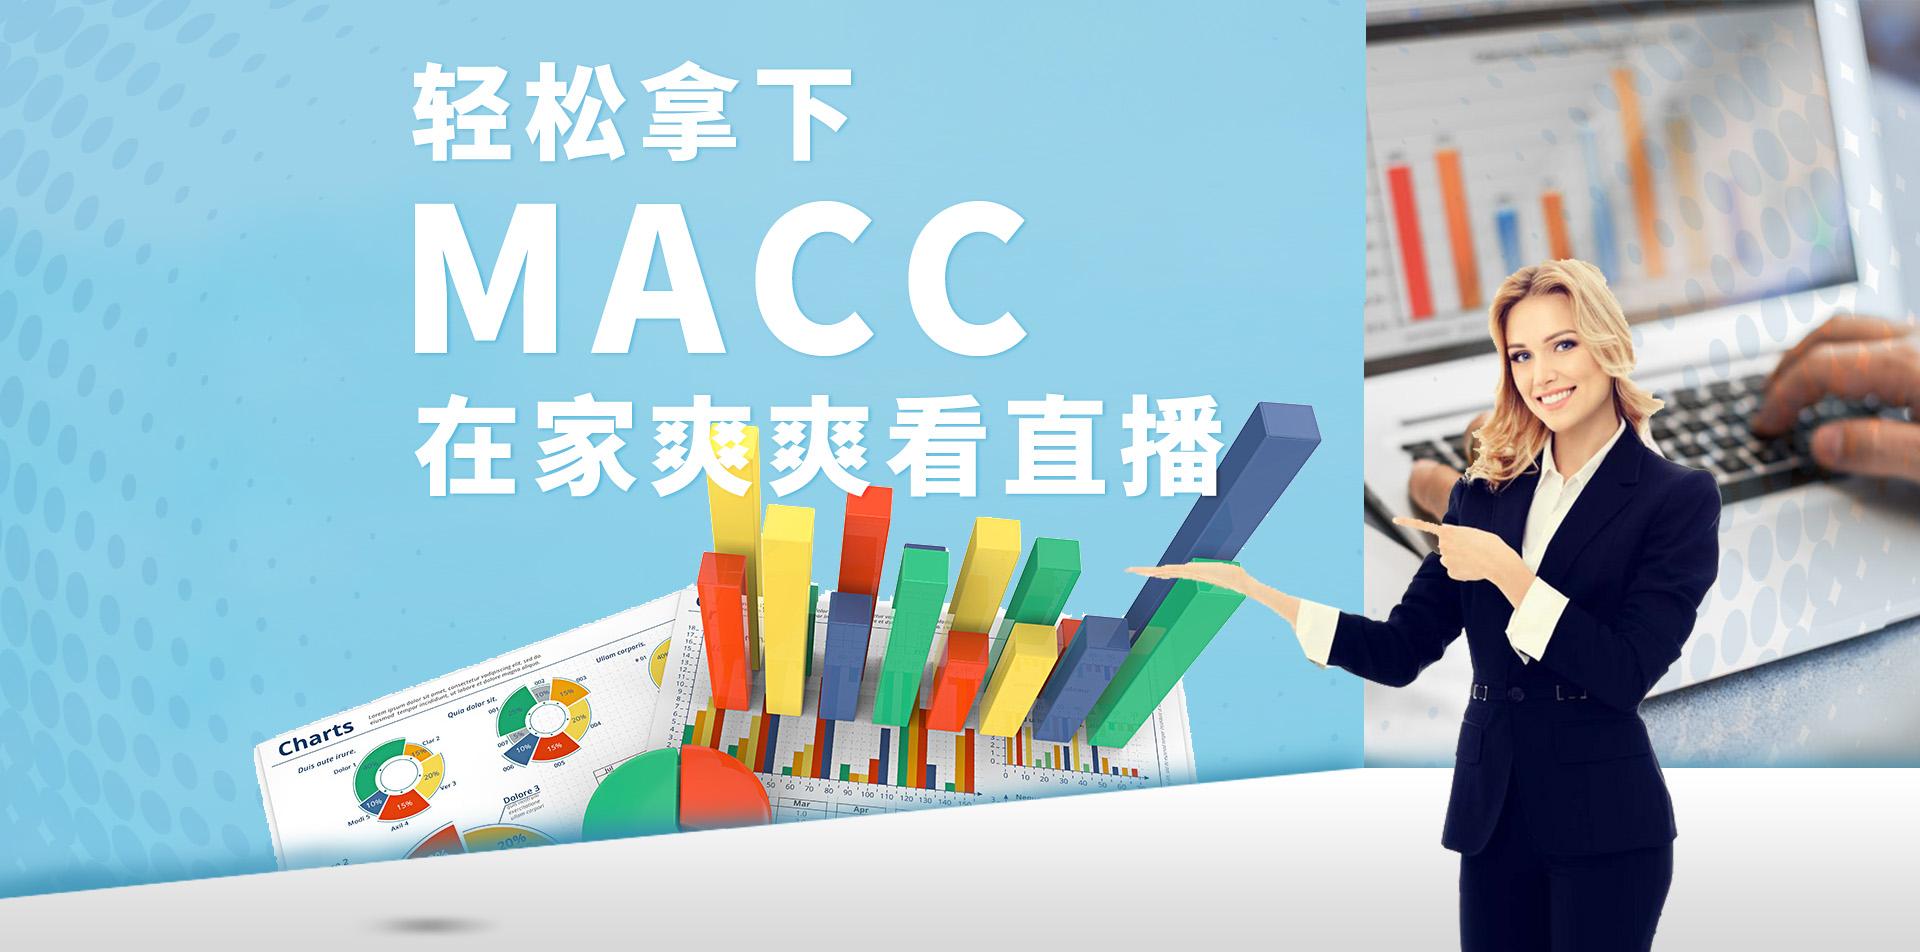 吴江会计从业资格考试培训学校